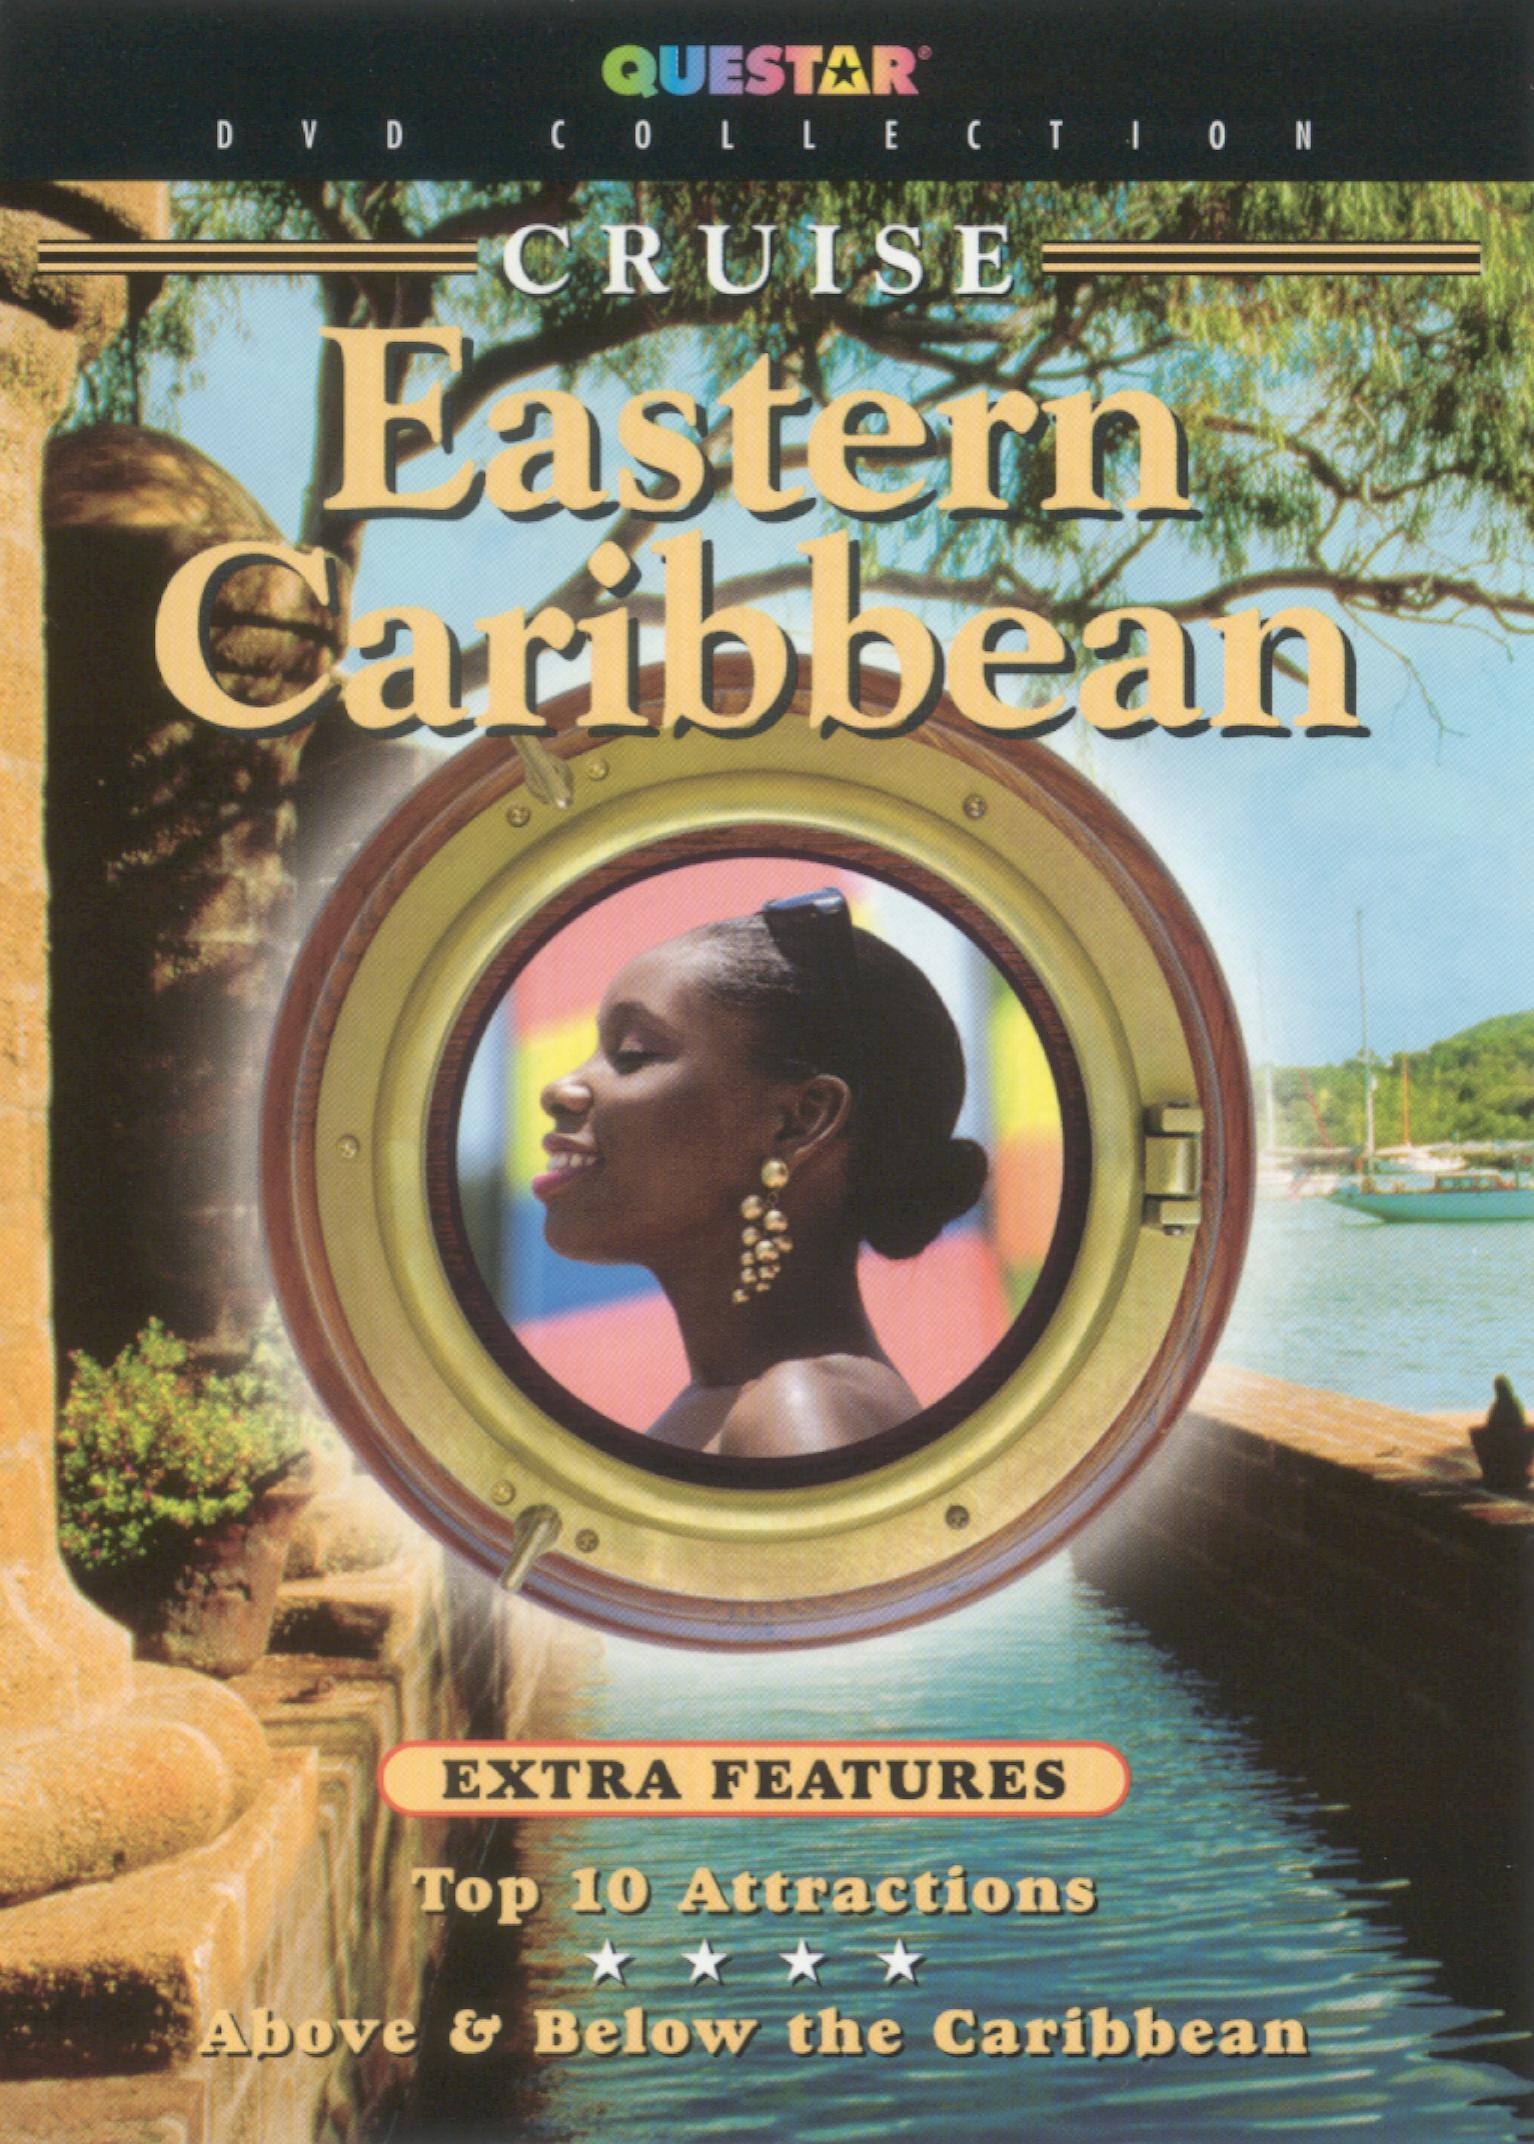 Cruise Eastern Caribbean